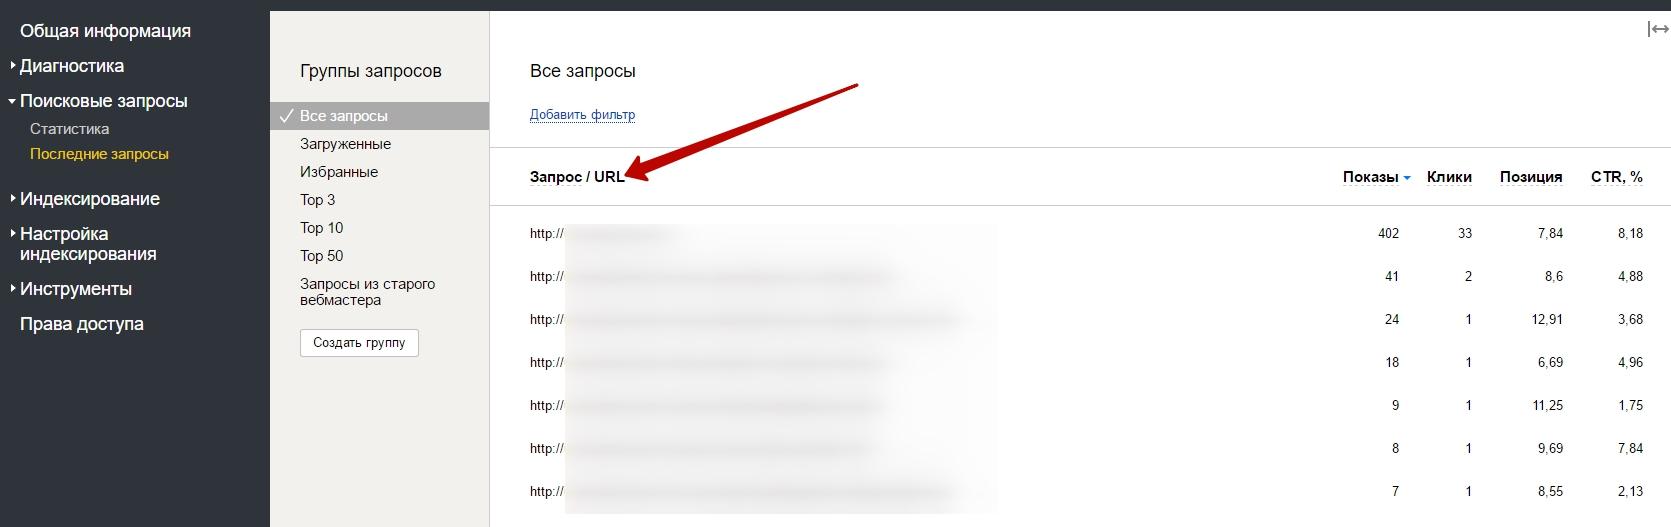 Выгрузка данных по URL адресам